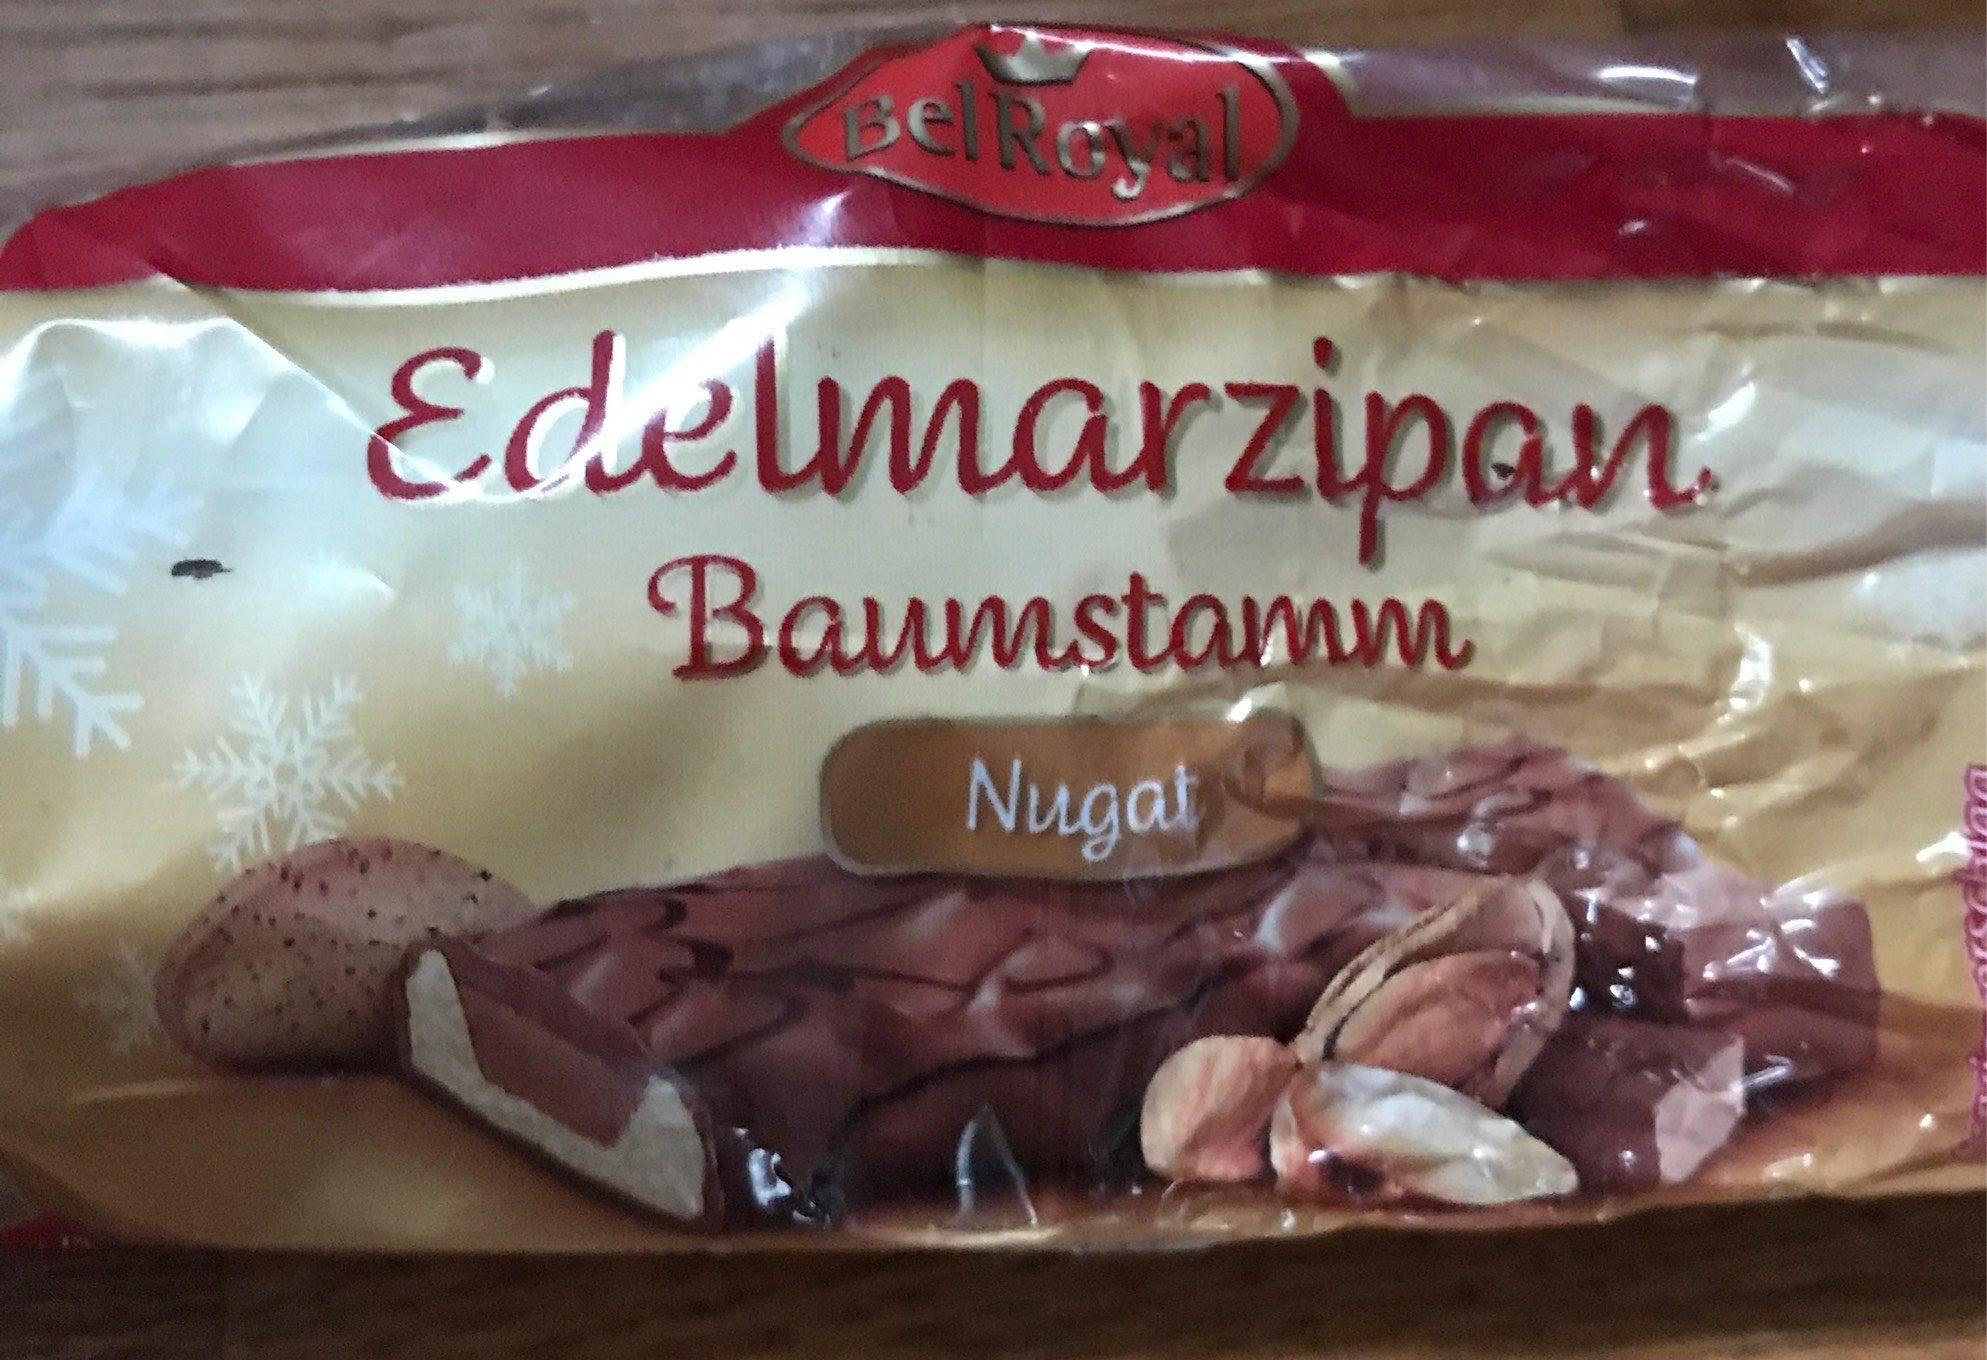 Baumstamm, Edelmarzipan Mit Nugat - Informations nutritionnelles